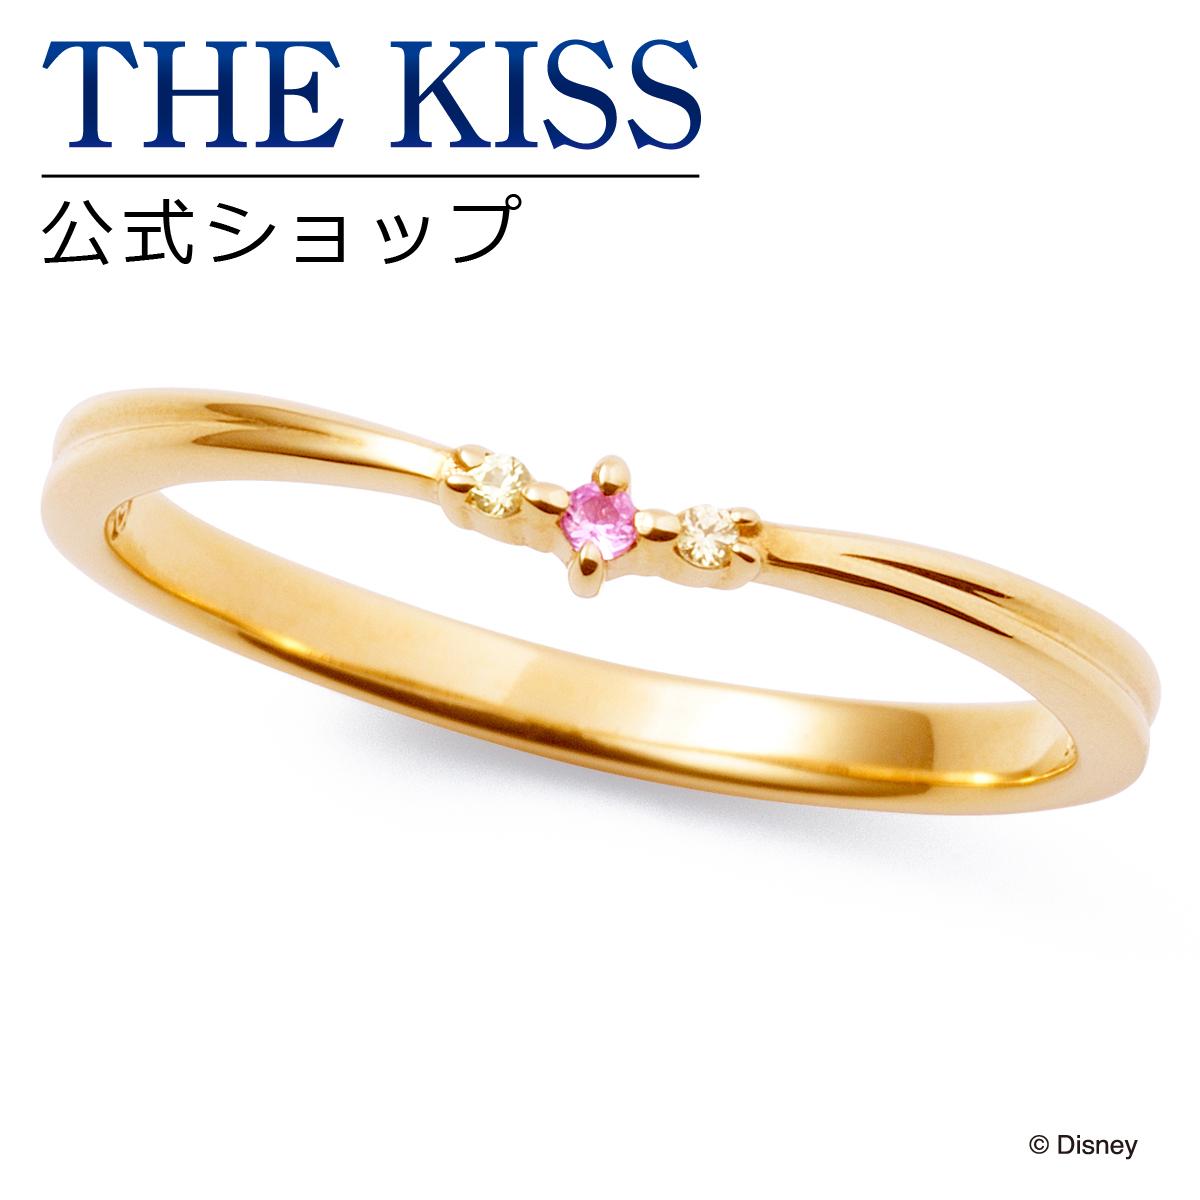 【あす楽対応】【ディズニーコレクション】 ディズニー / ペアリング / ディズニープリンセス ベル / THE KISS sweets リング・指輪 K10イエローゴールド (レディース 単品) DI-YR2700PSP ザキス 【送料無料】